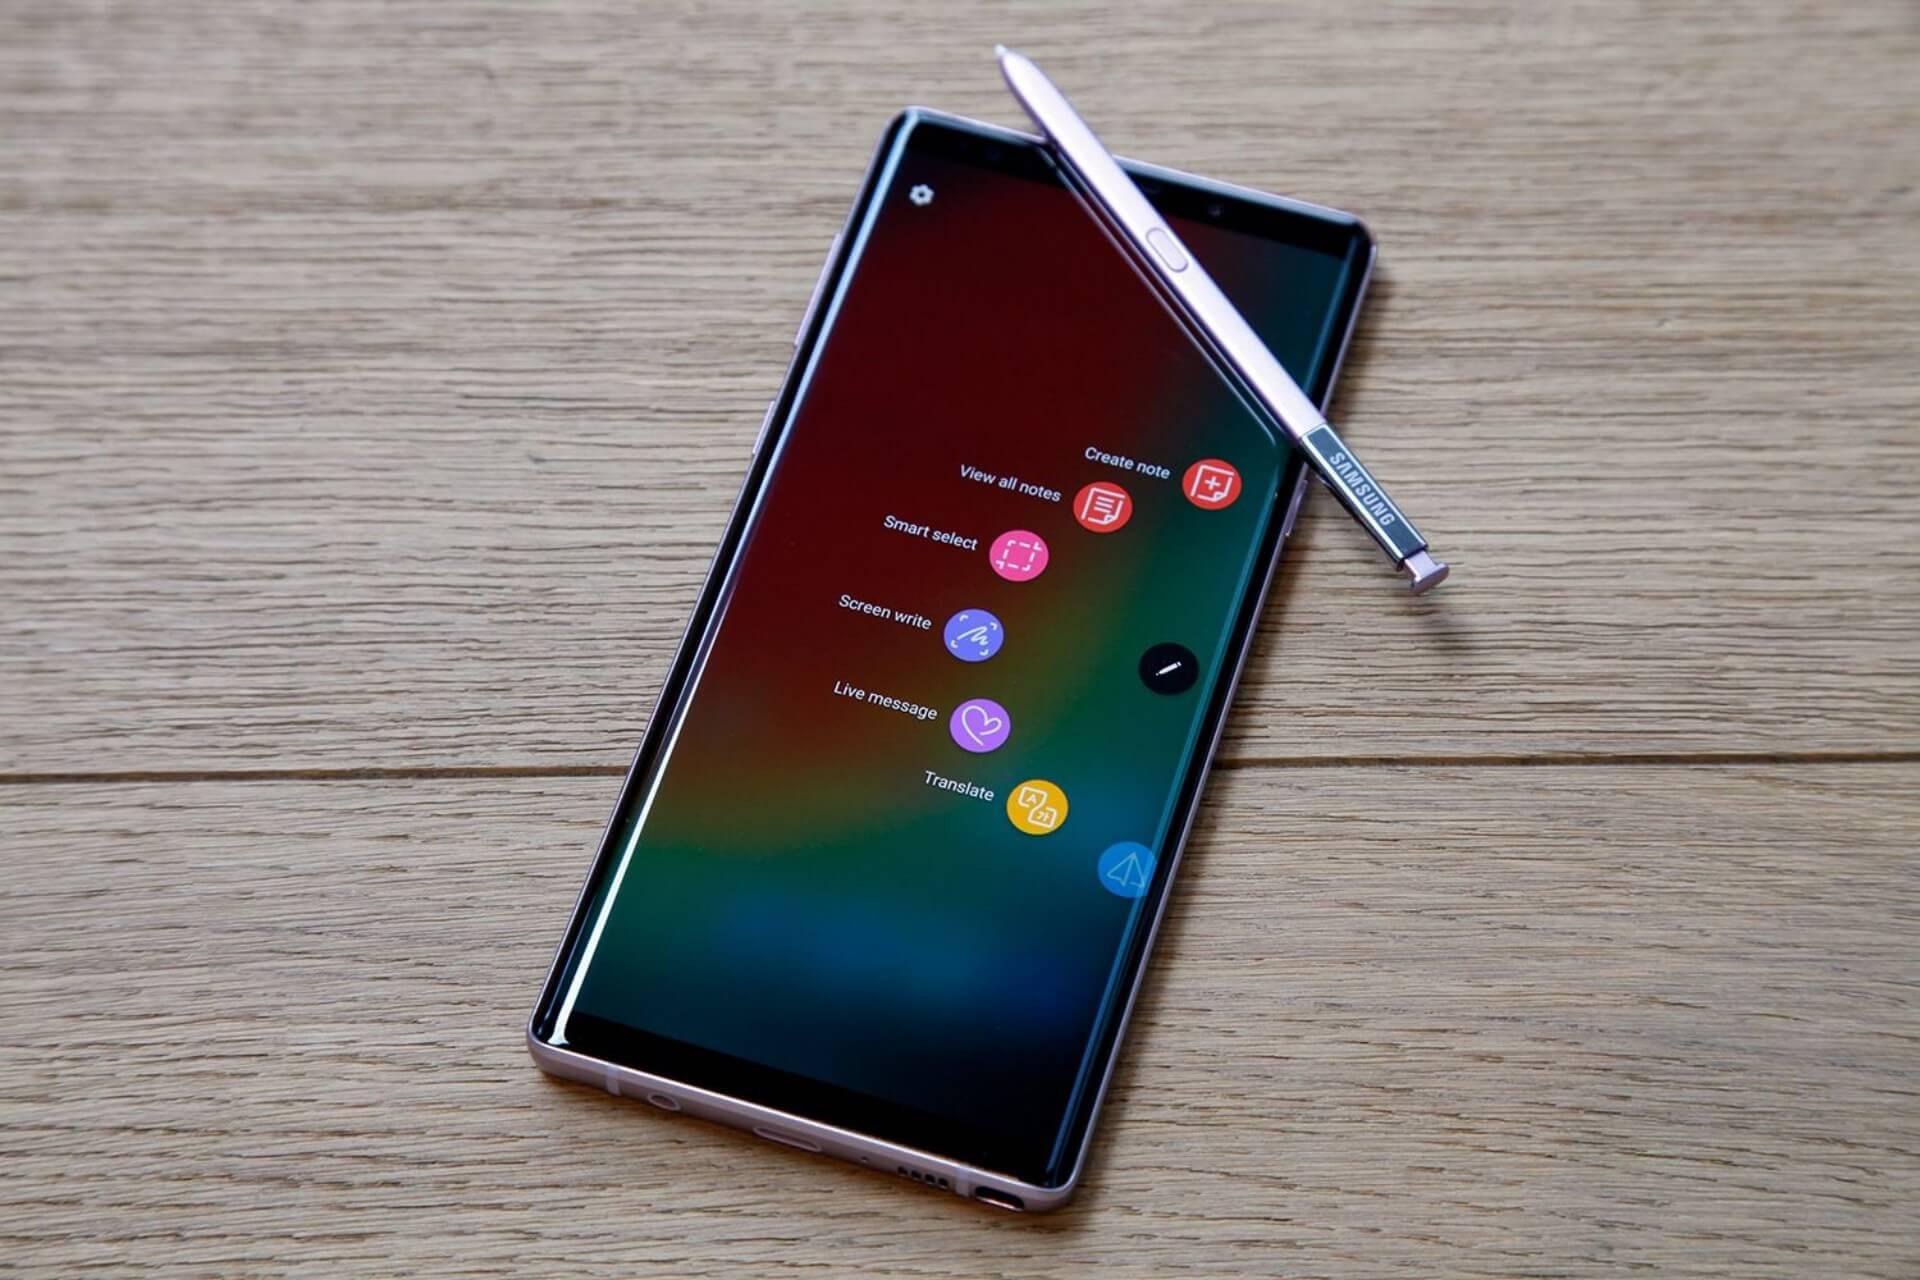 تسريب التصميم النهائي لهاتف سامسونج القادم Galaxy Note 10 - عرب هاردوير